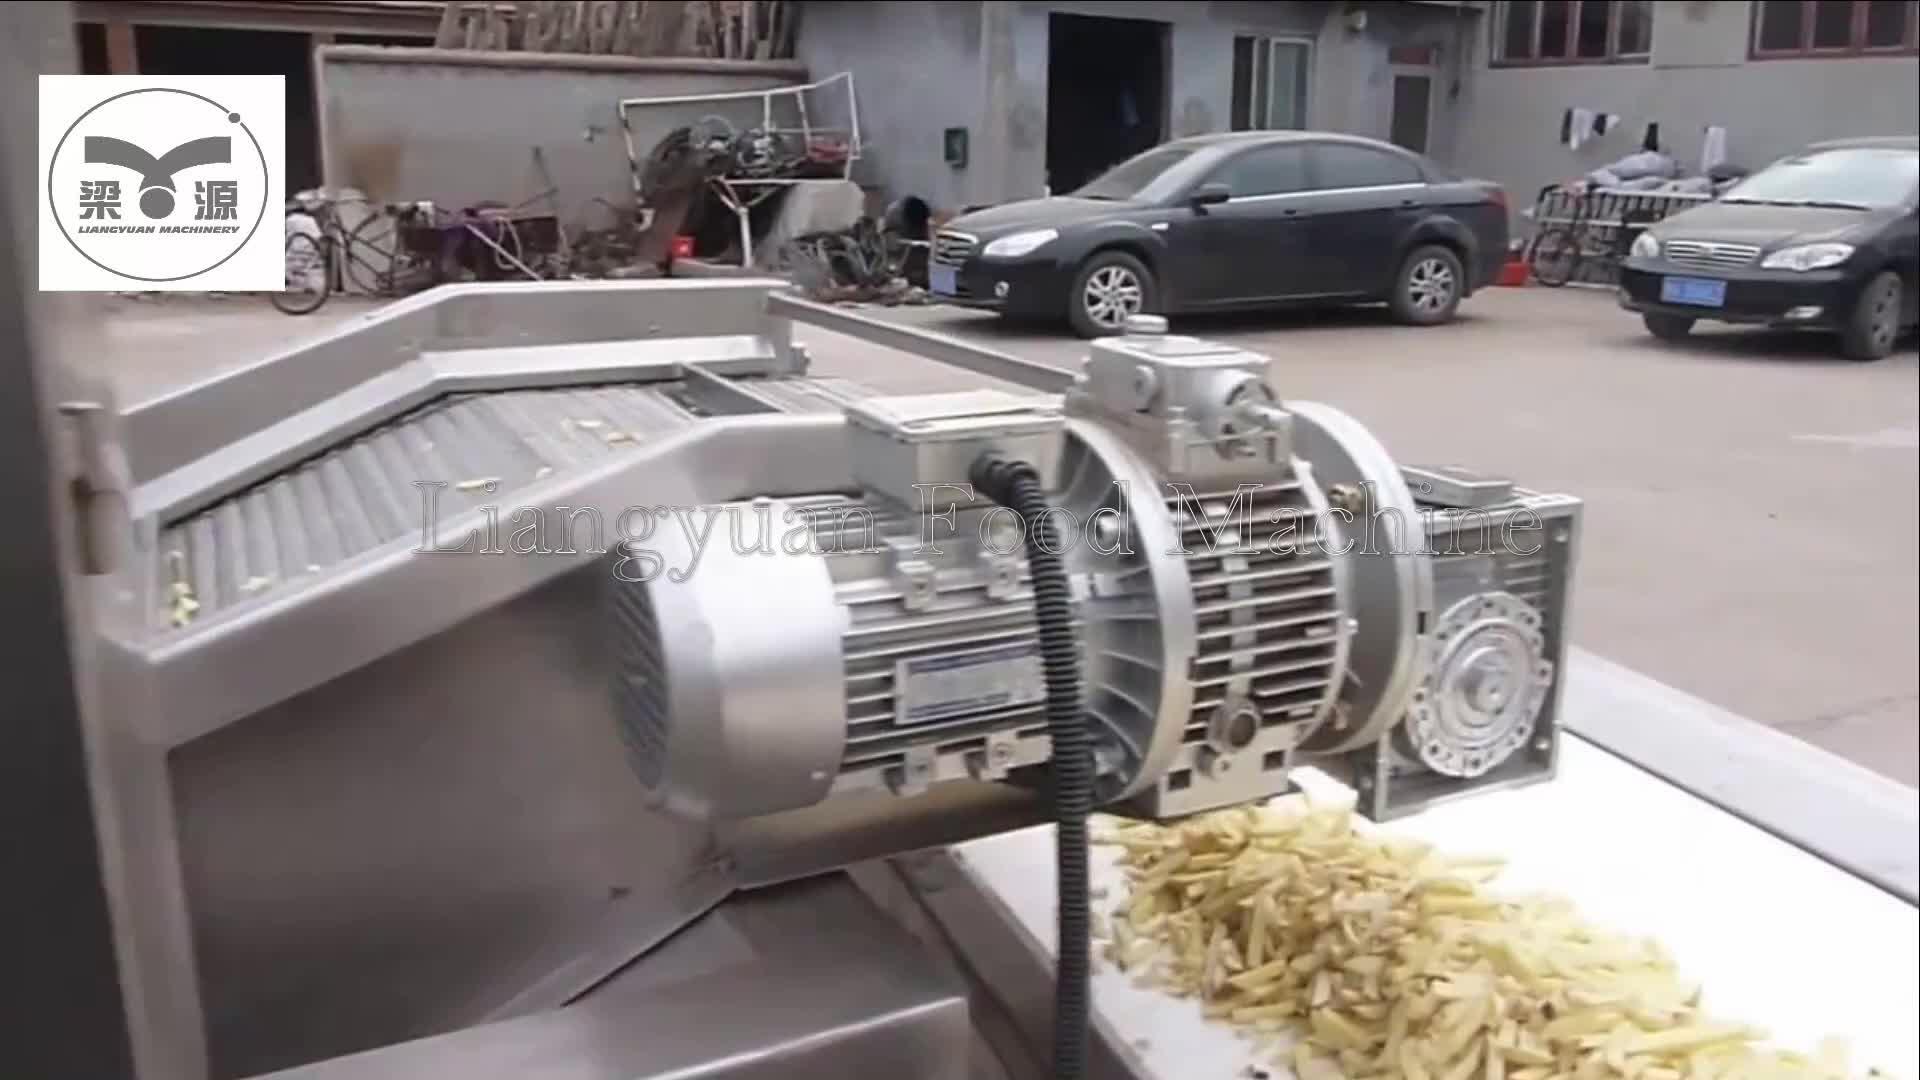 감자 칩 스낵 기계 zhucheng liangyuan